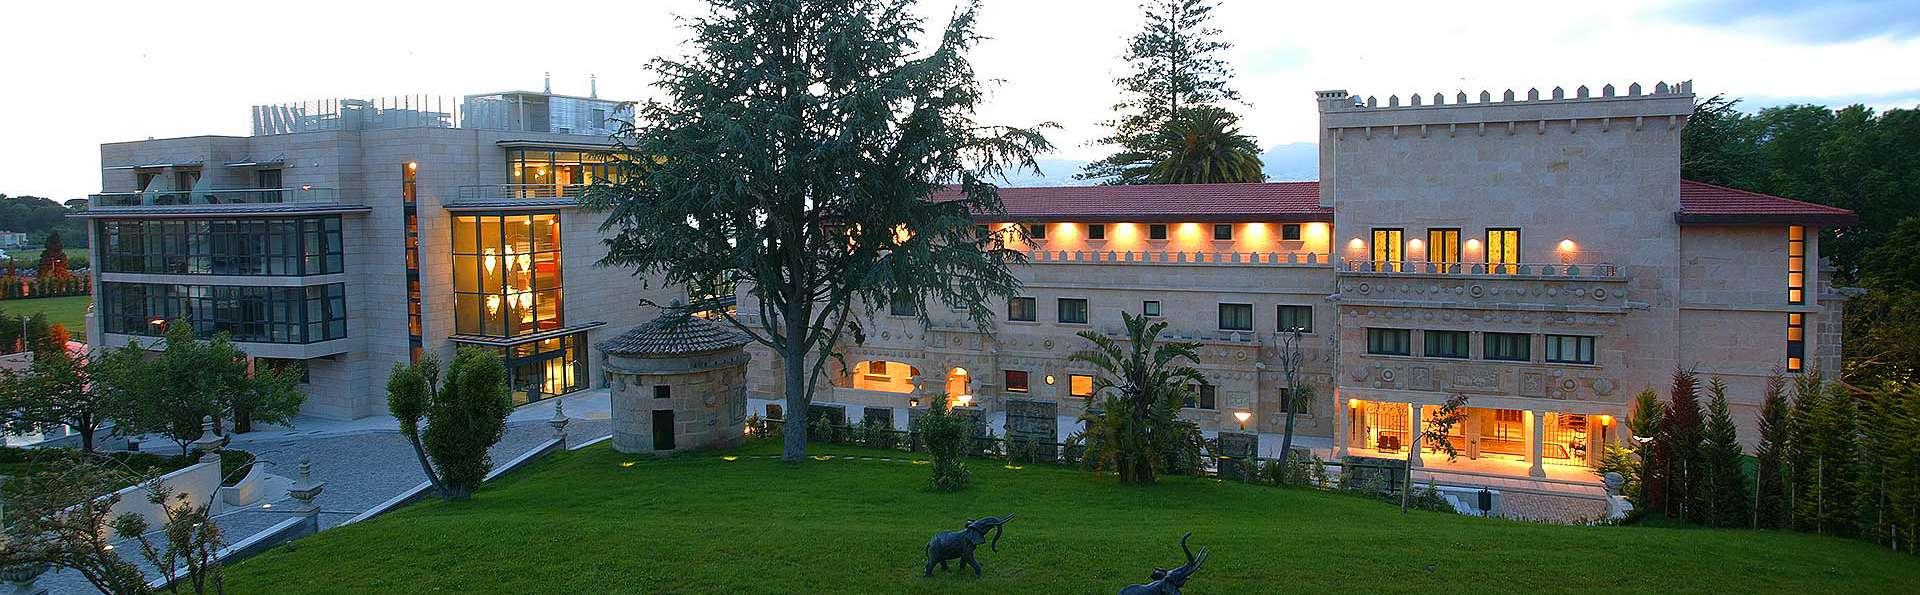 Pazo Los Escudos Hotel & Spa Resort - EDIT_Exterior.jpg